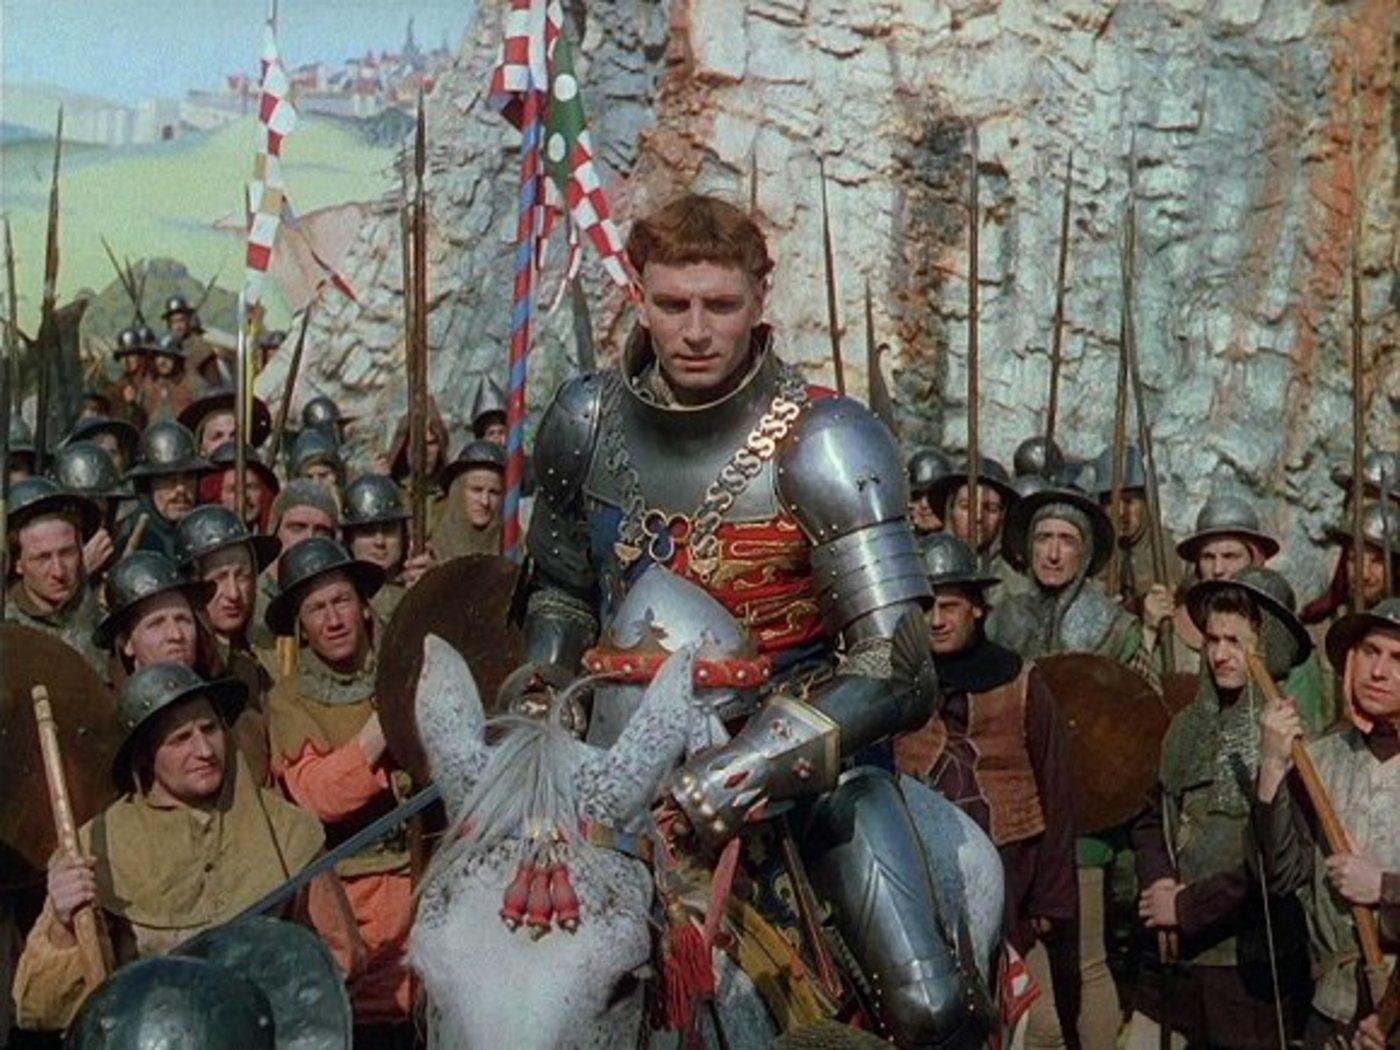 莎剧《亨利五世》中的一段法文台词给字幕员罗曦冉留下印象深刻